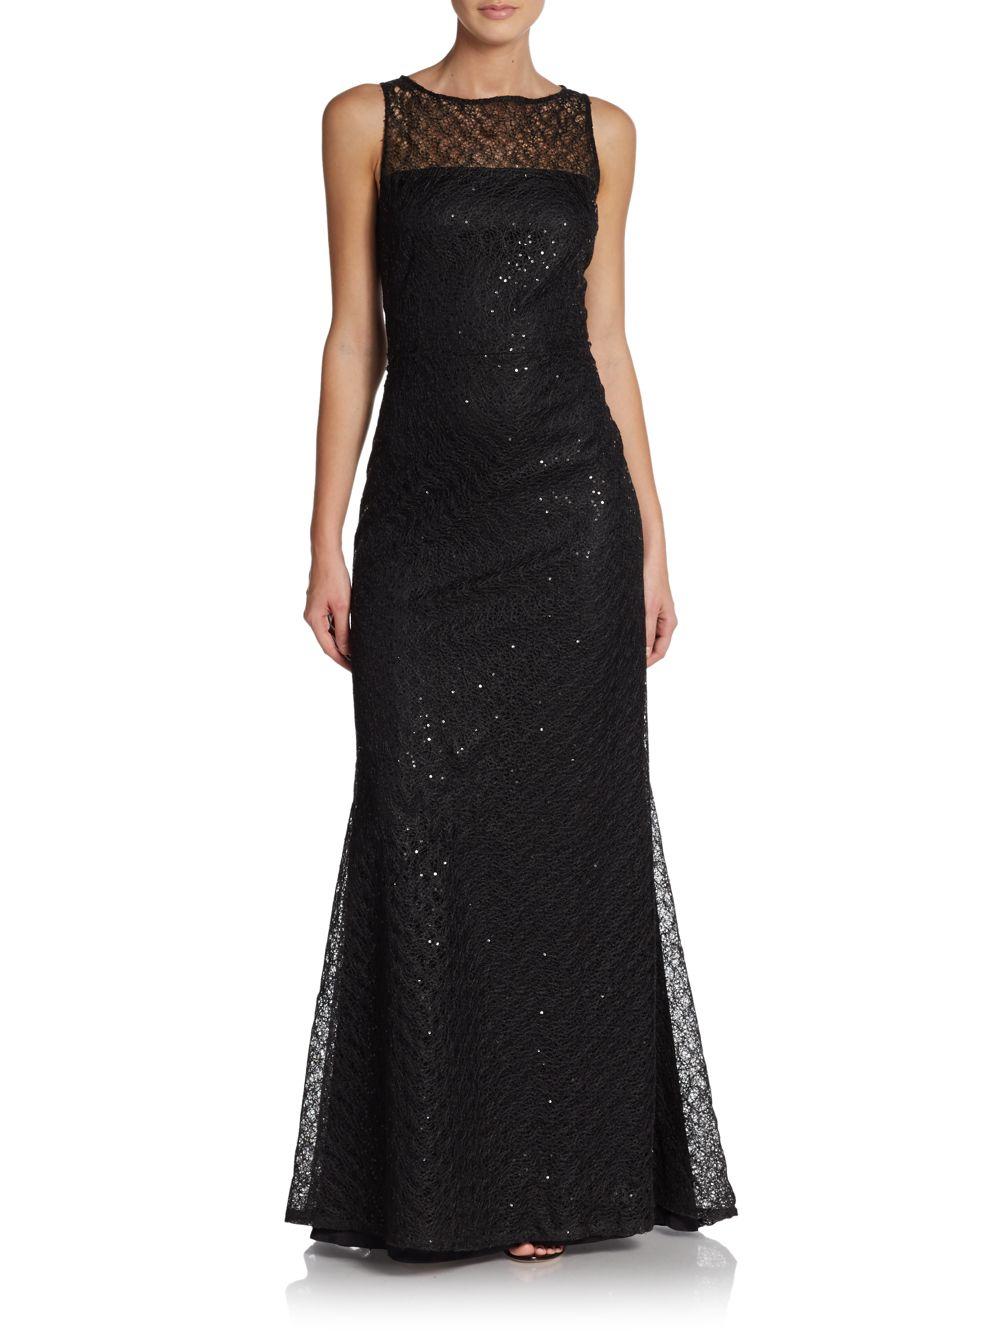 Lyst - St. John Gossamer Lace Gown in Black